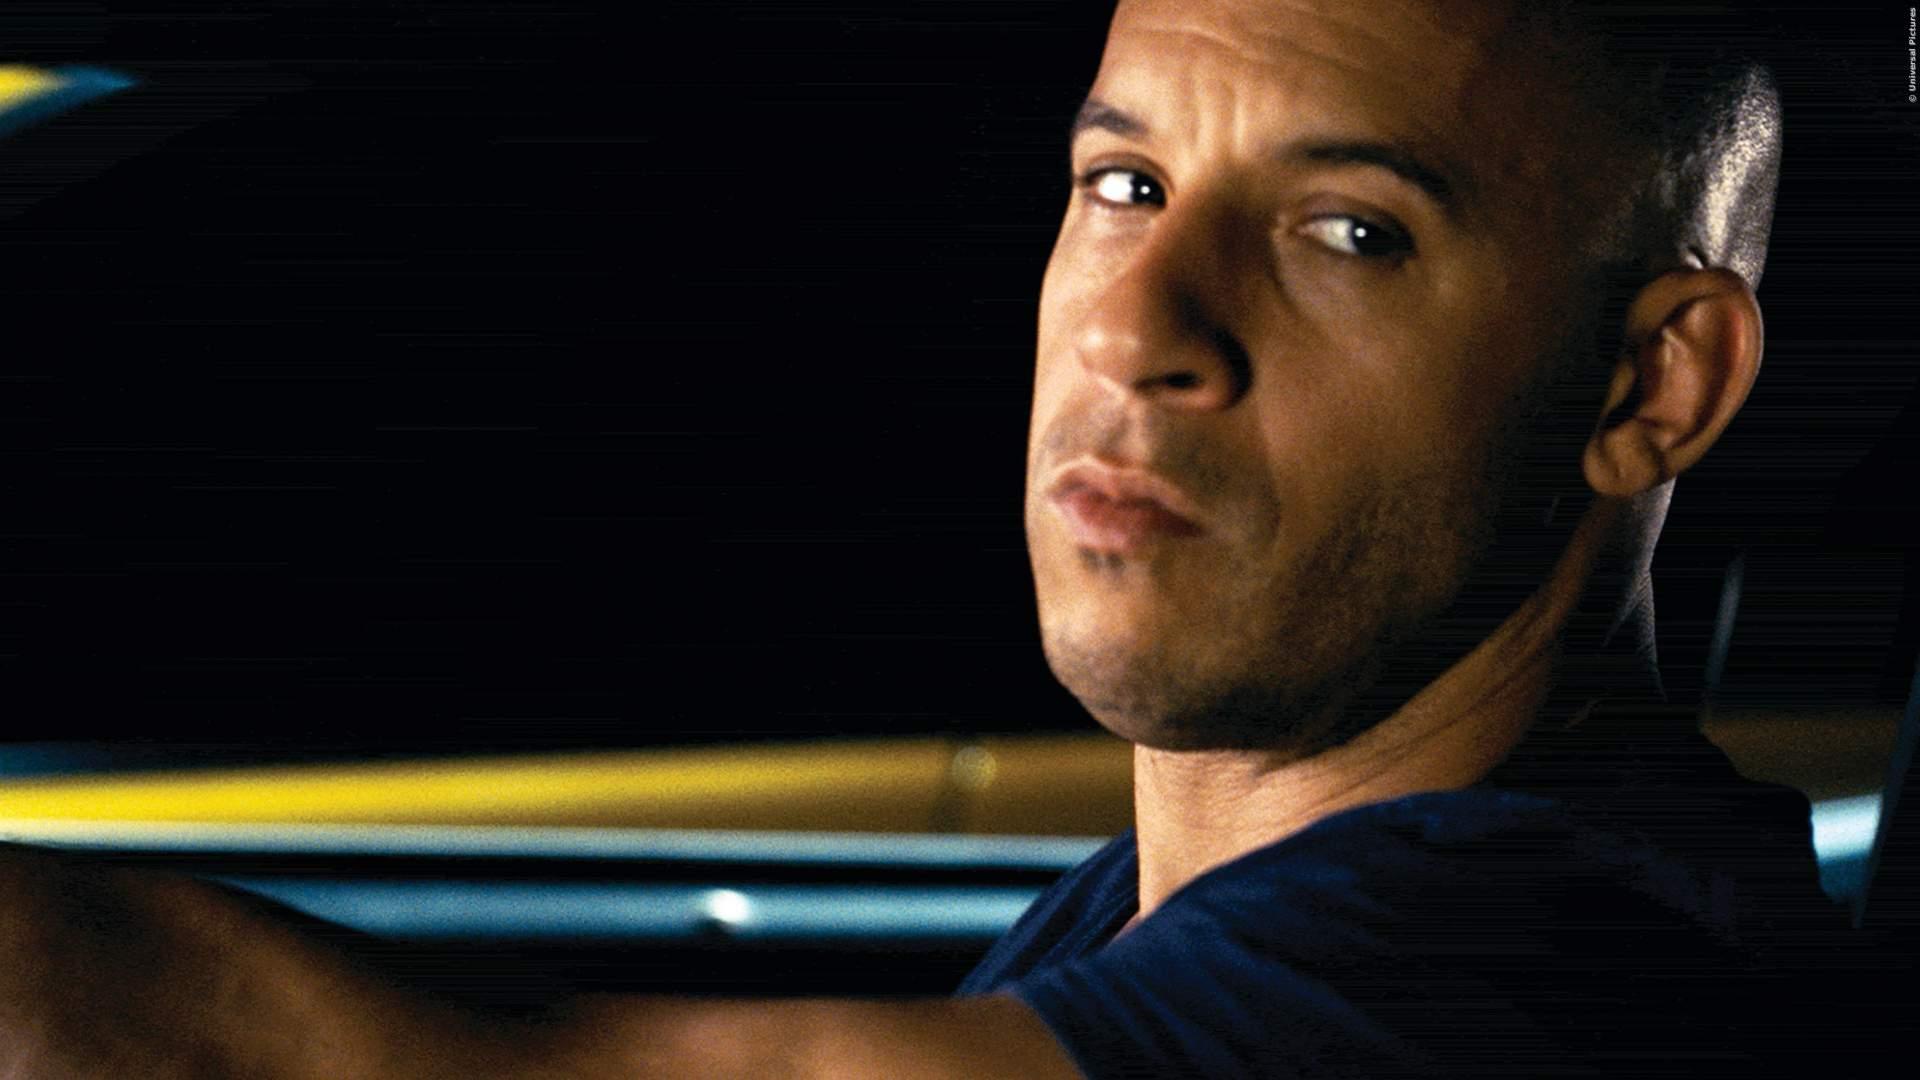 Vin Diesel in Fast And Furious: So hat sich Dom verändert - Bild 1 von 12